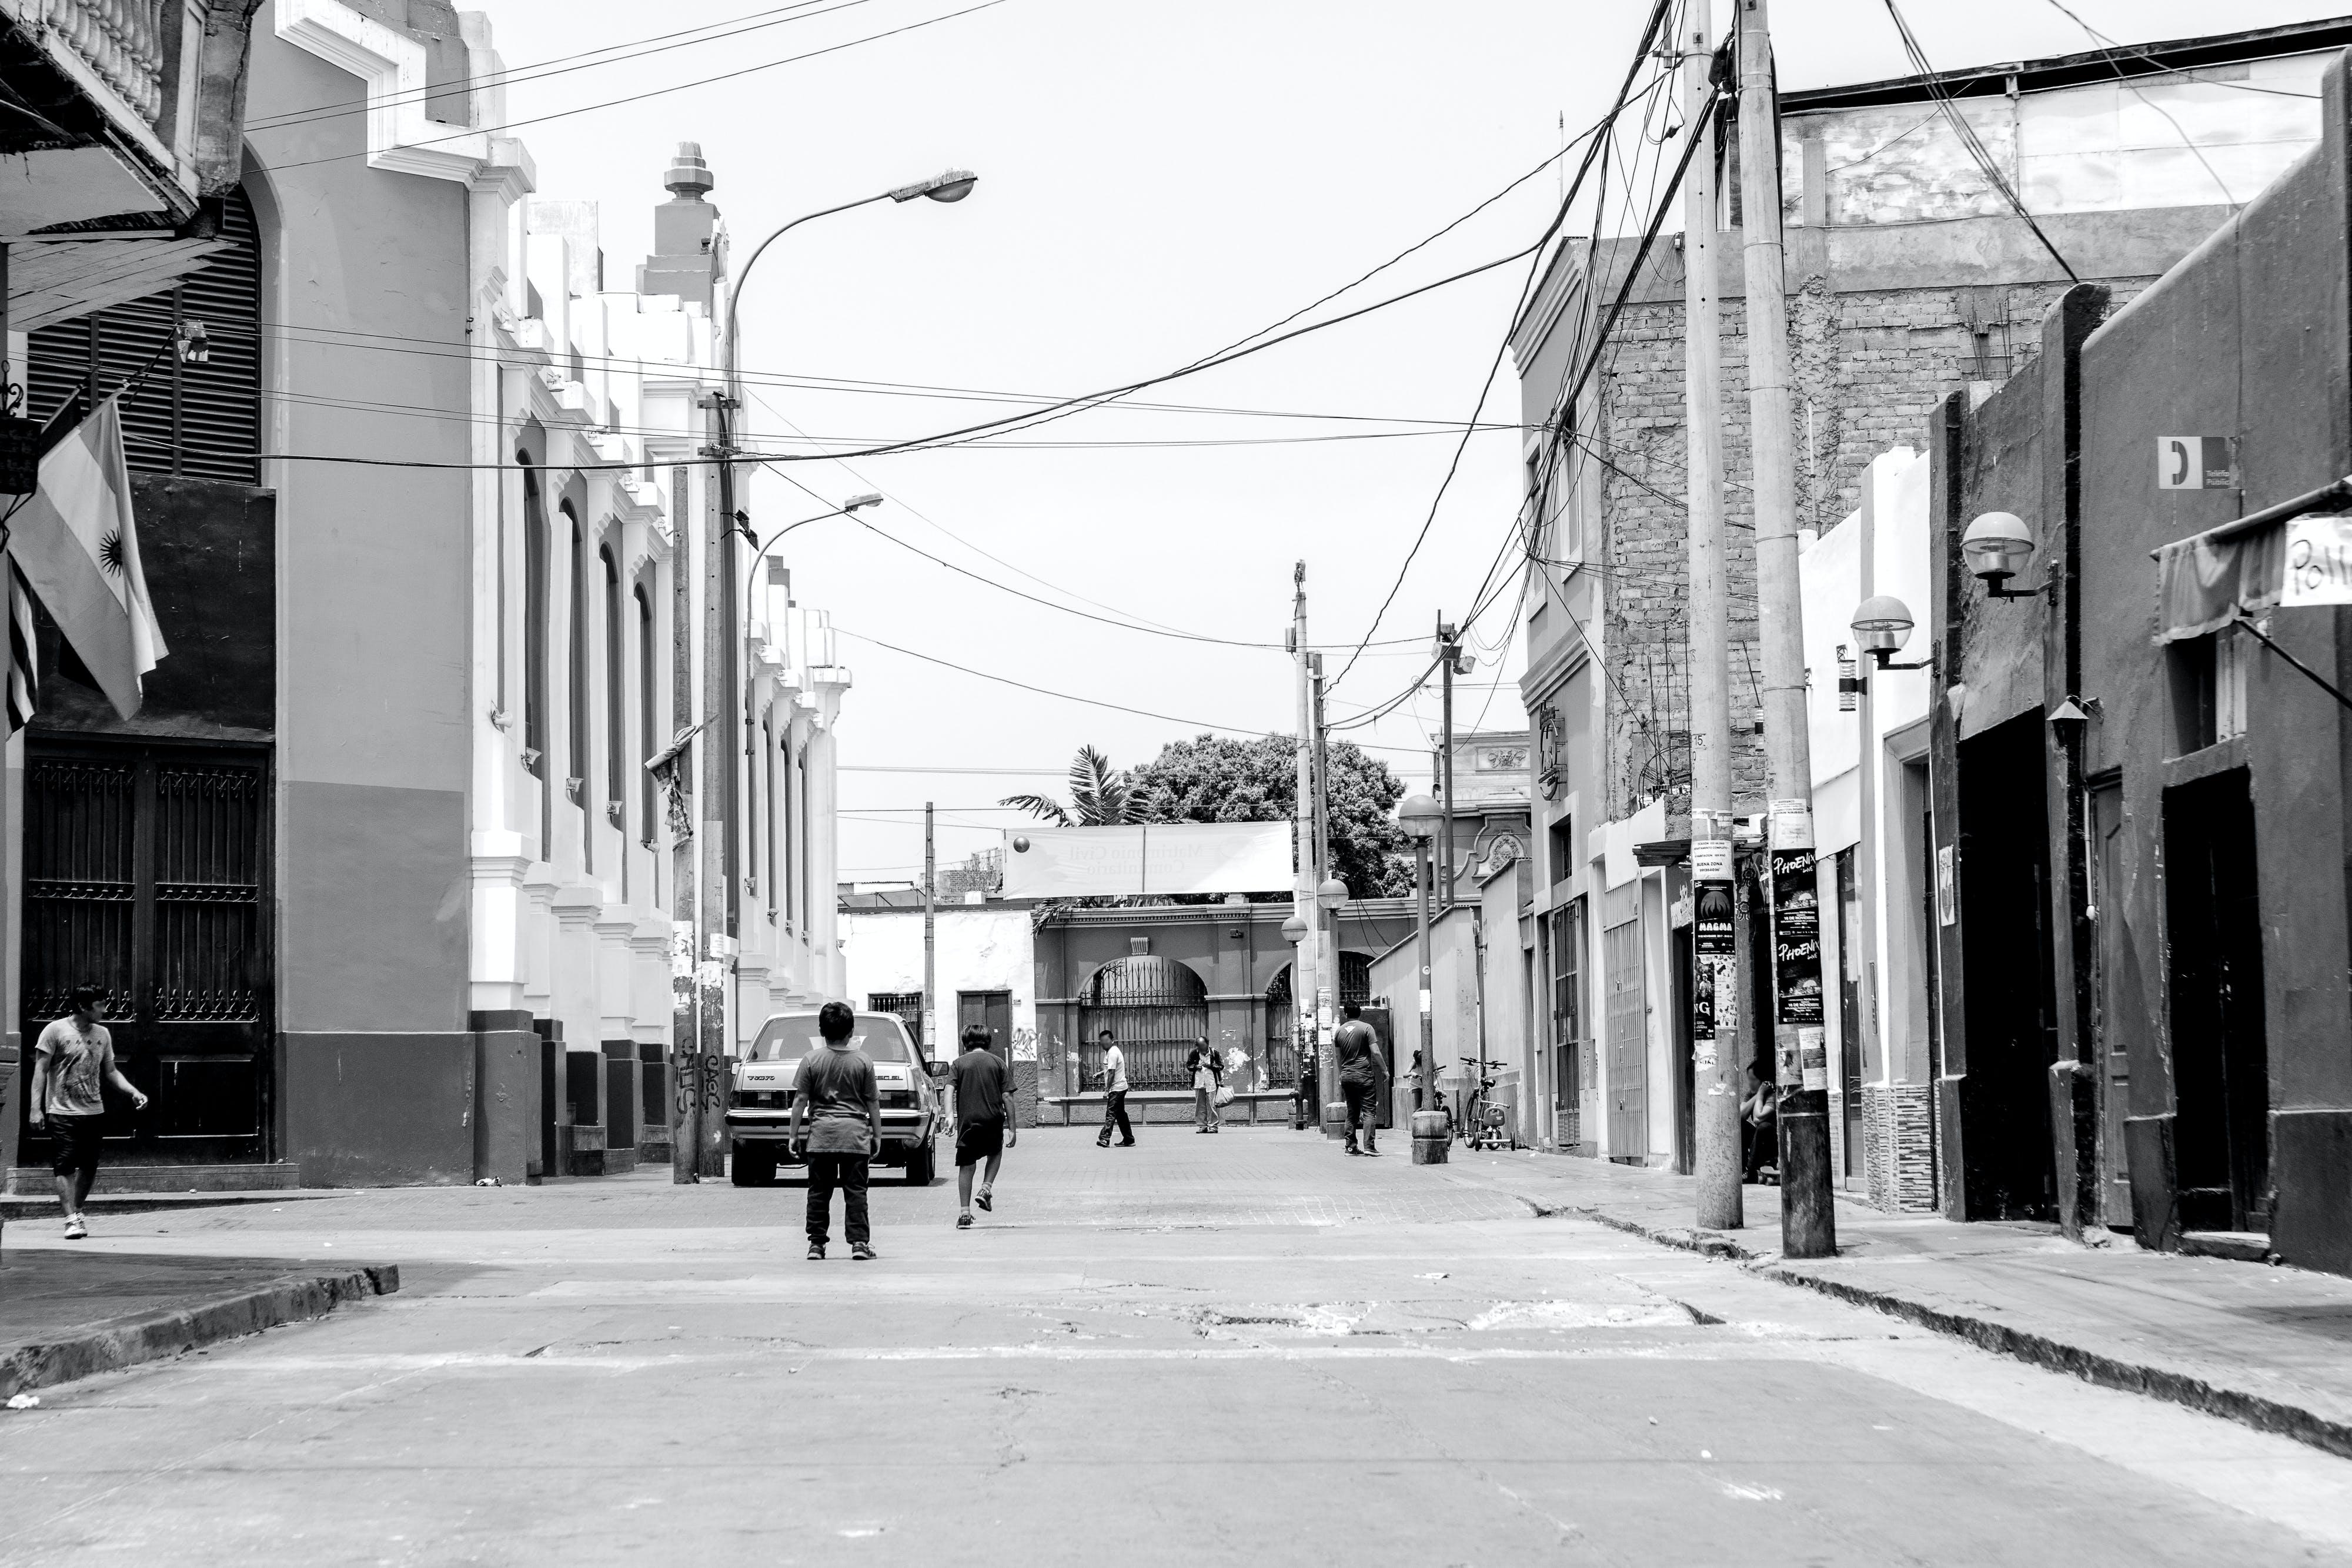 Free stock photo of city, hdr, neighborhood, no people